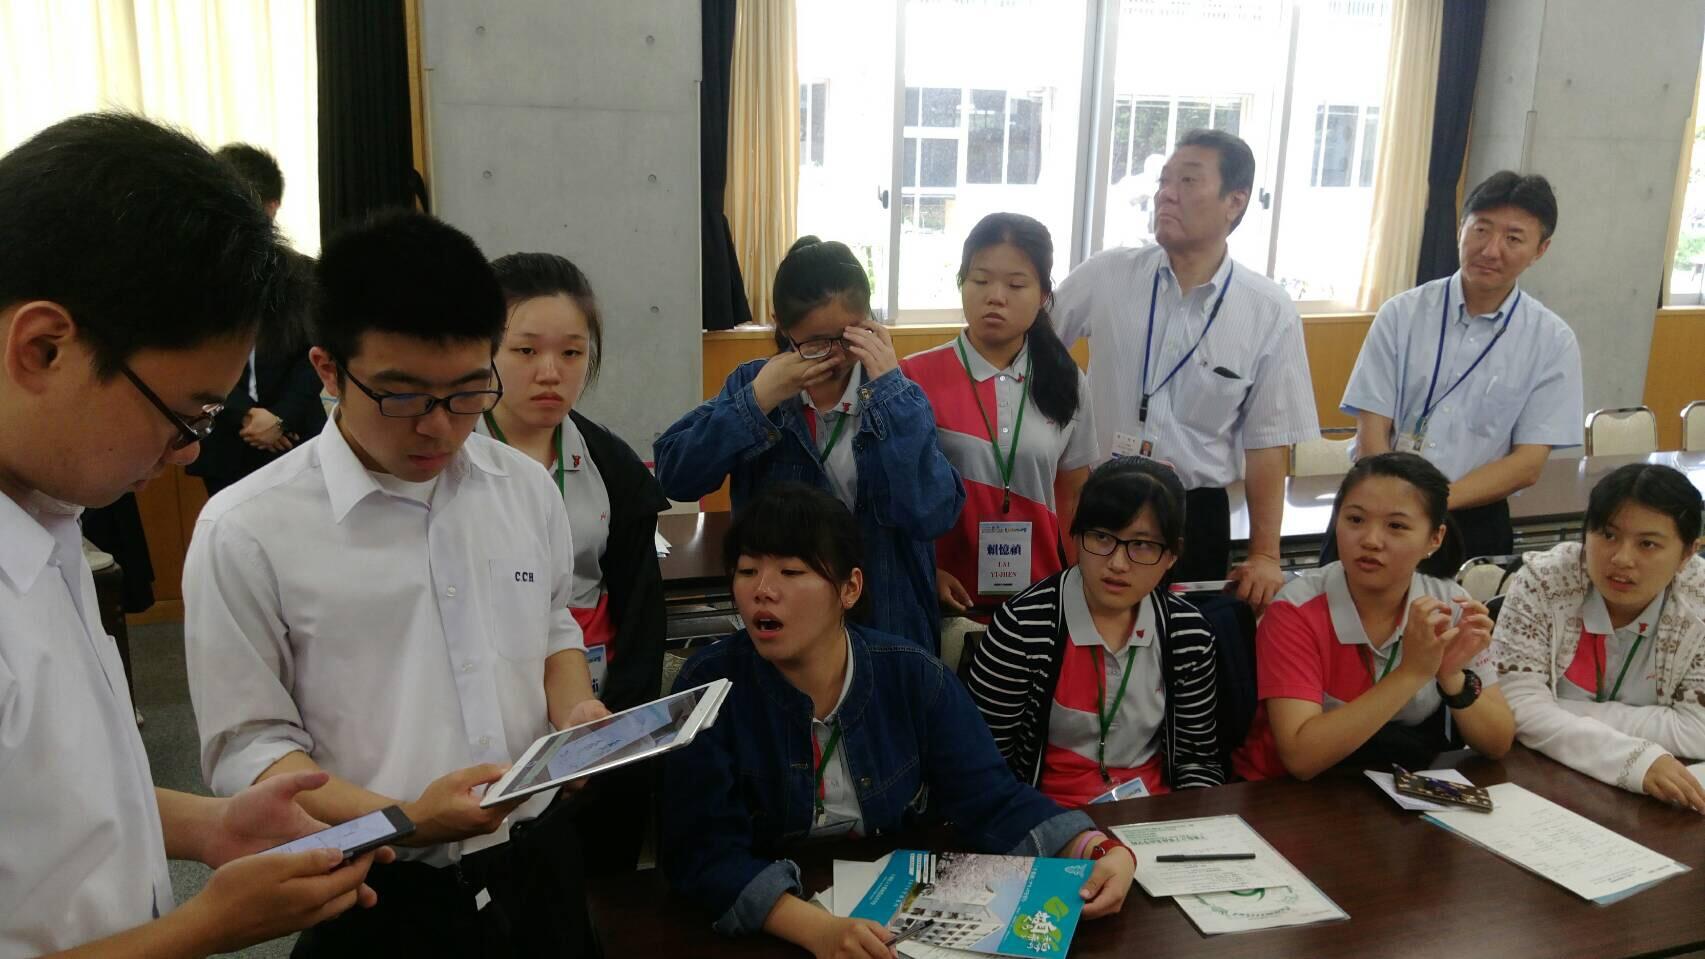 選手到千葉縣商業高校研習,藉由英語和日本學生互相交流兩國文化、學校運作模式等。(圖/員林家商提供)